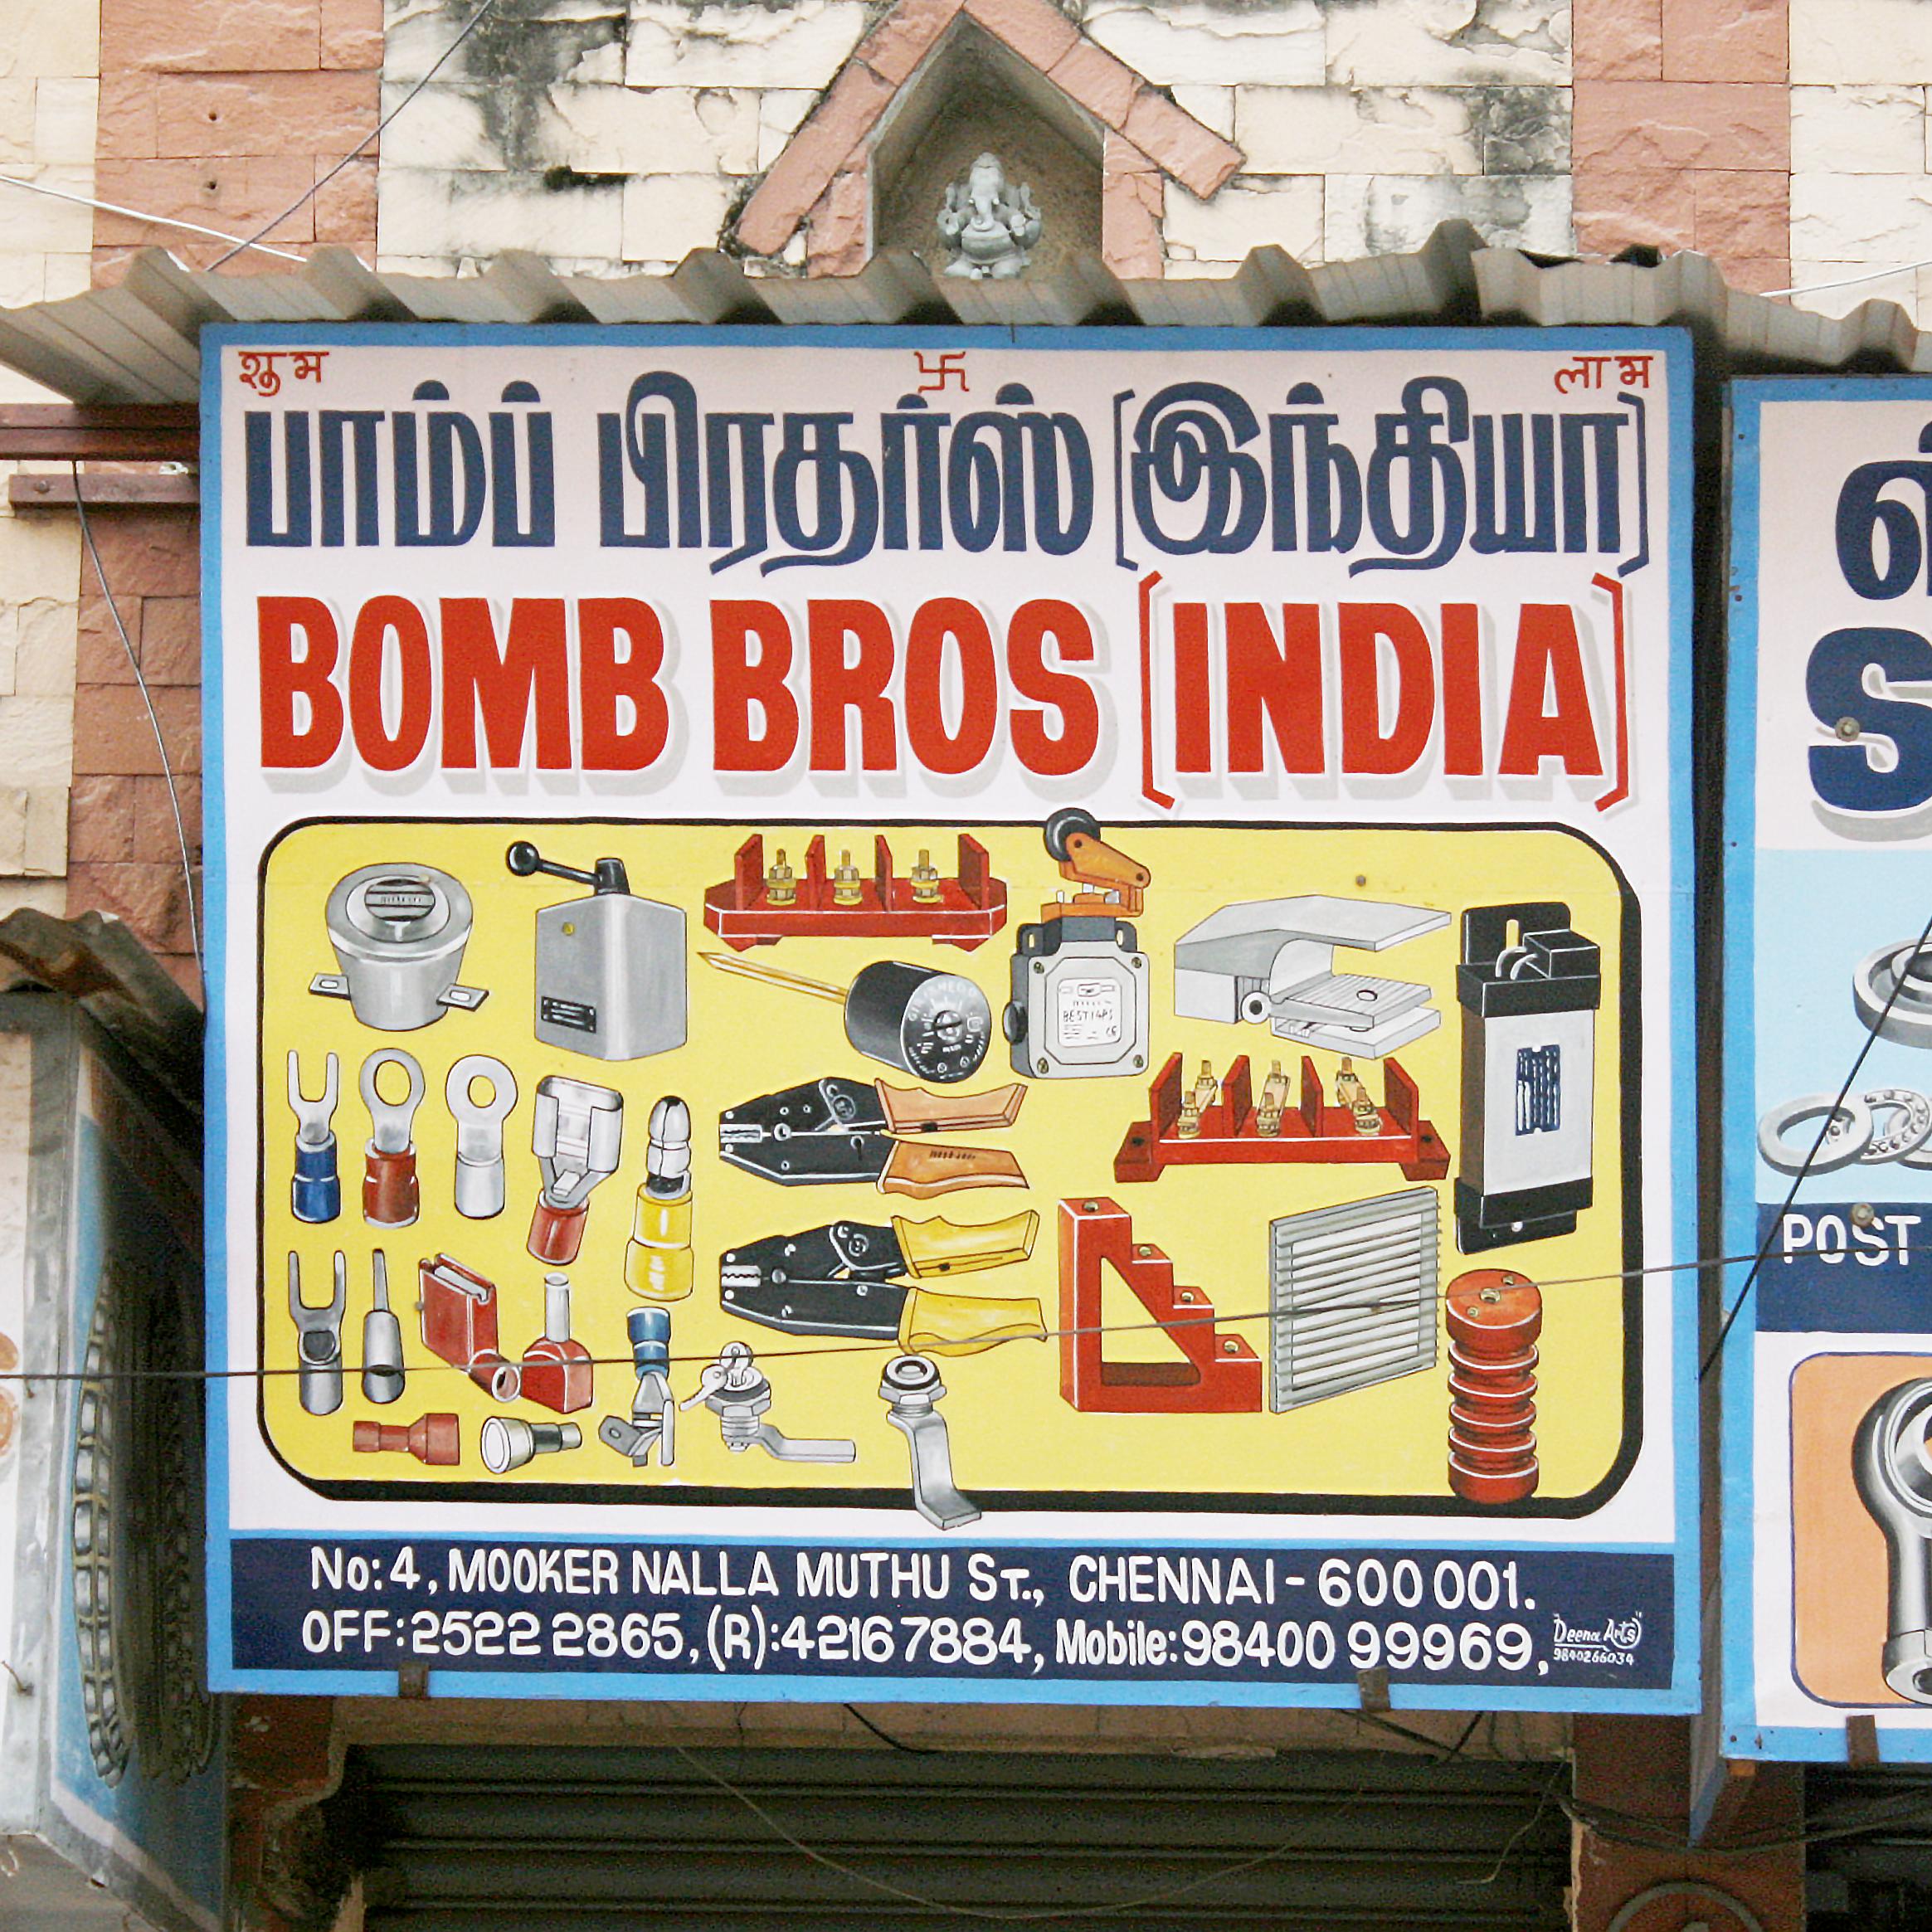 Bomb Bros India